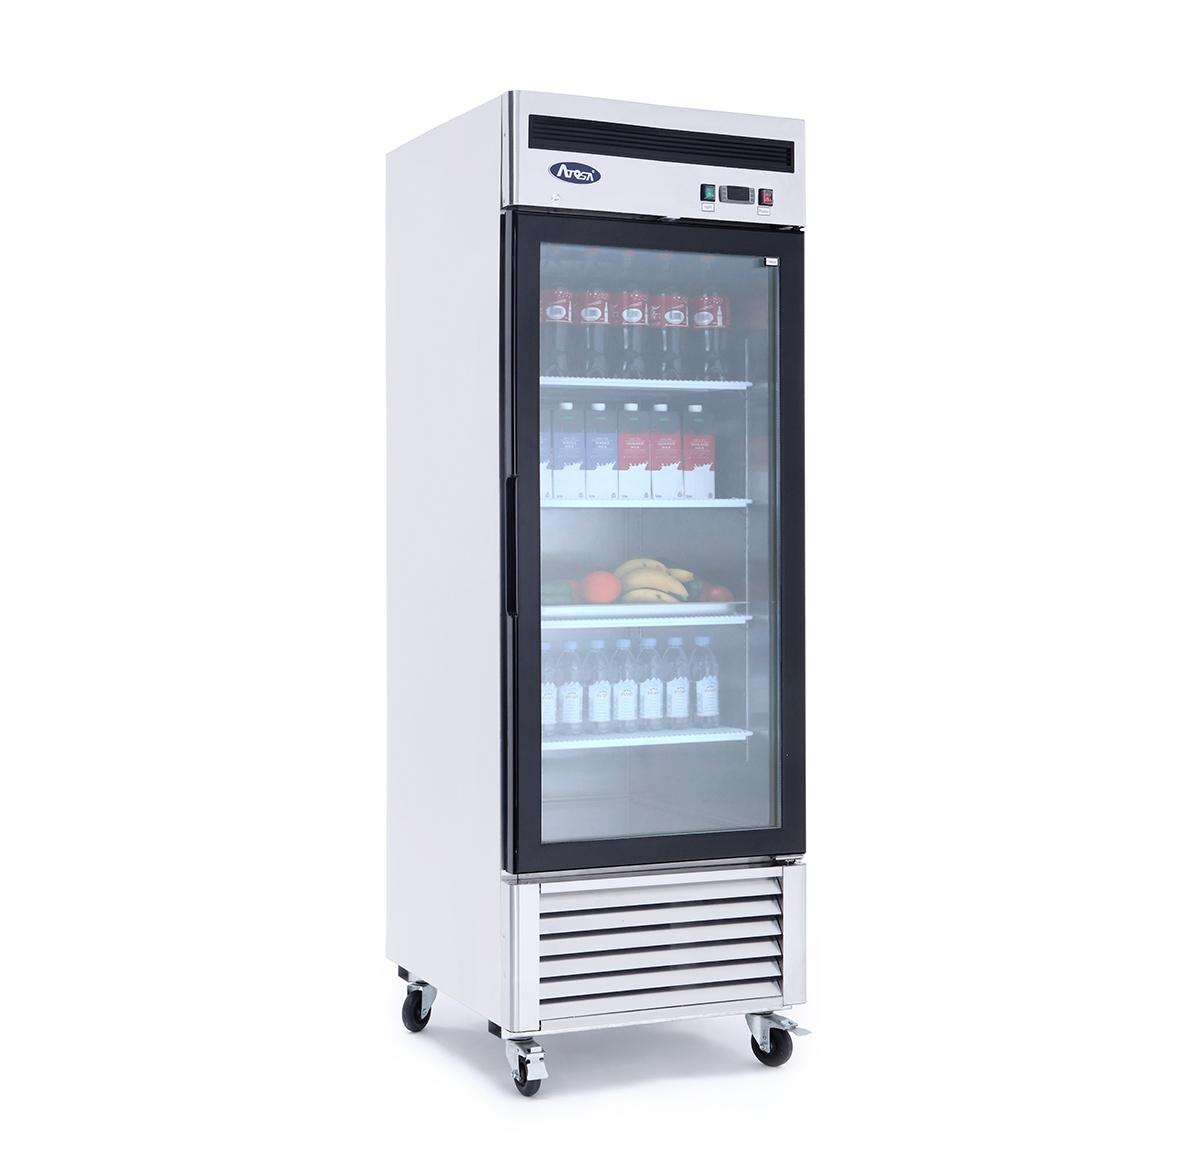 mcf8705 bottom mount 1 one glass door refrigerator. Black Bedroom Furniture Sets. Home Design Ideas